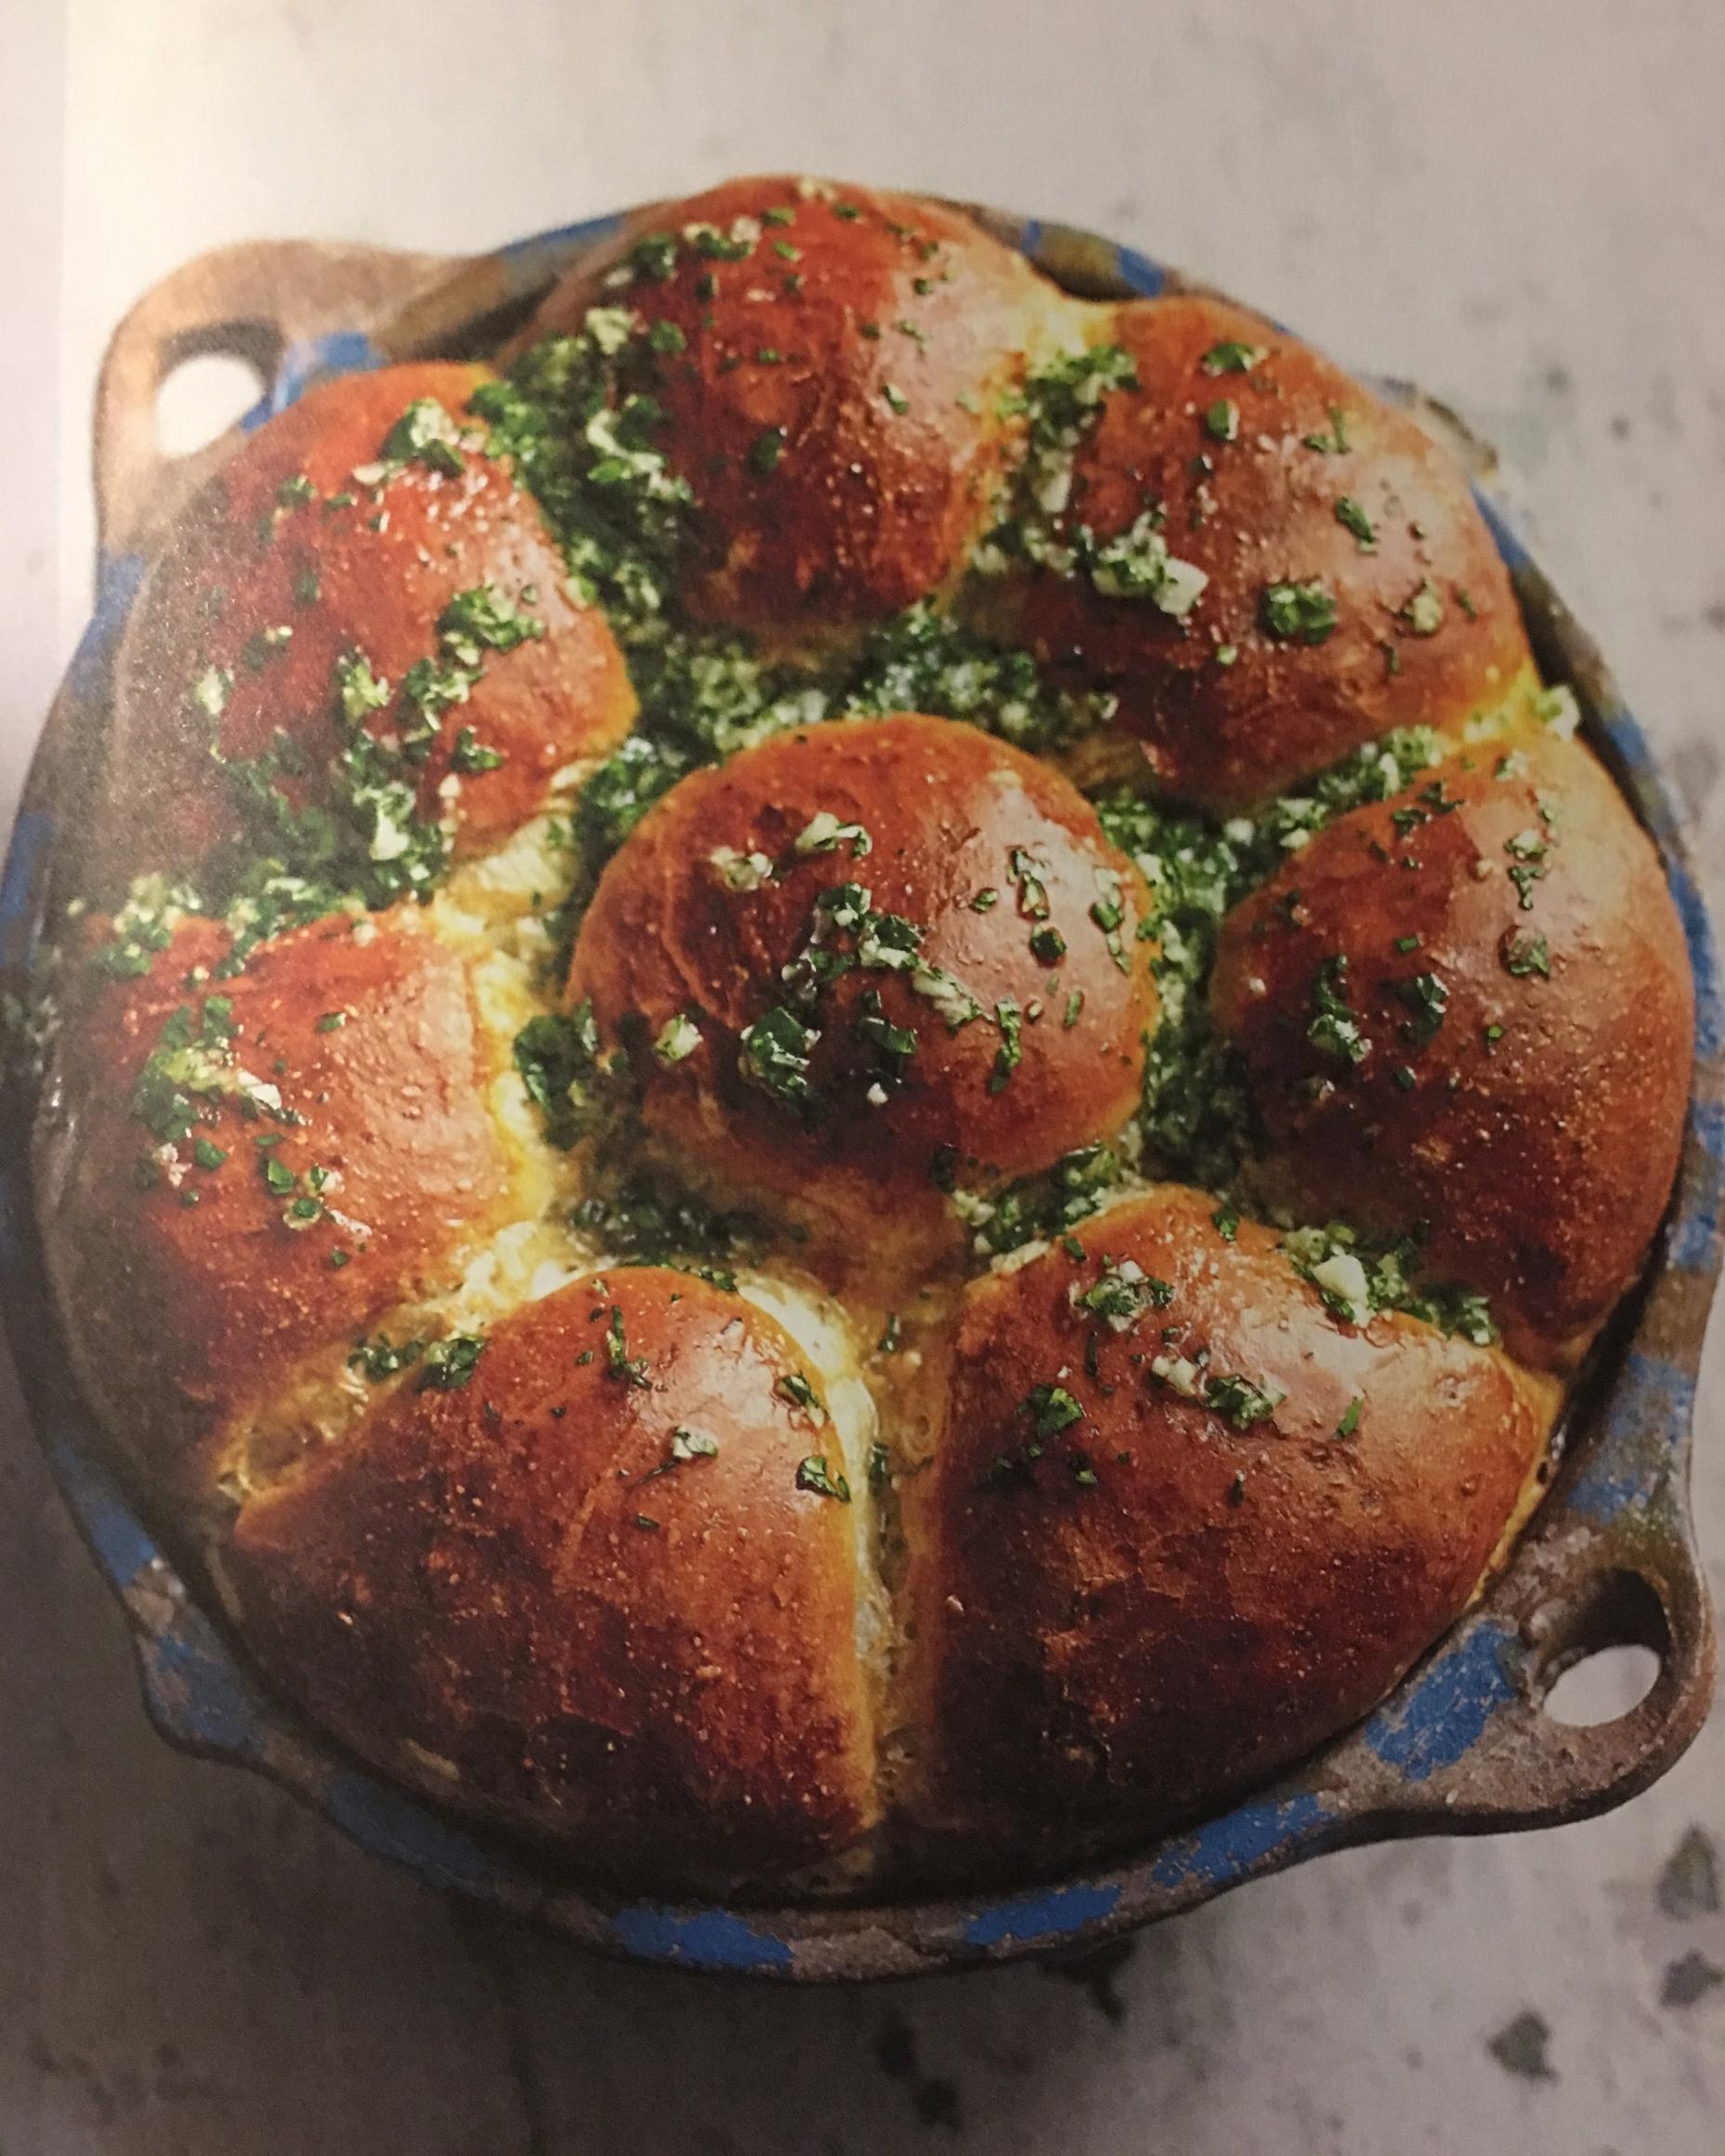 garlicky bread